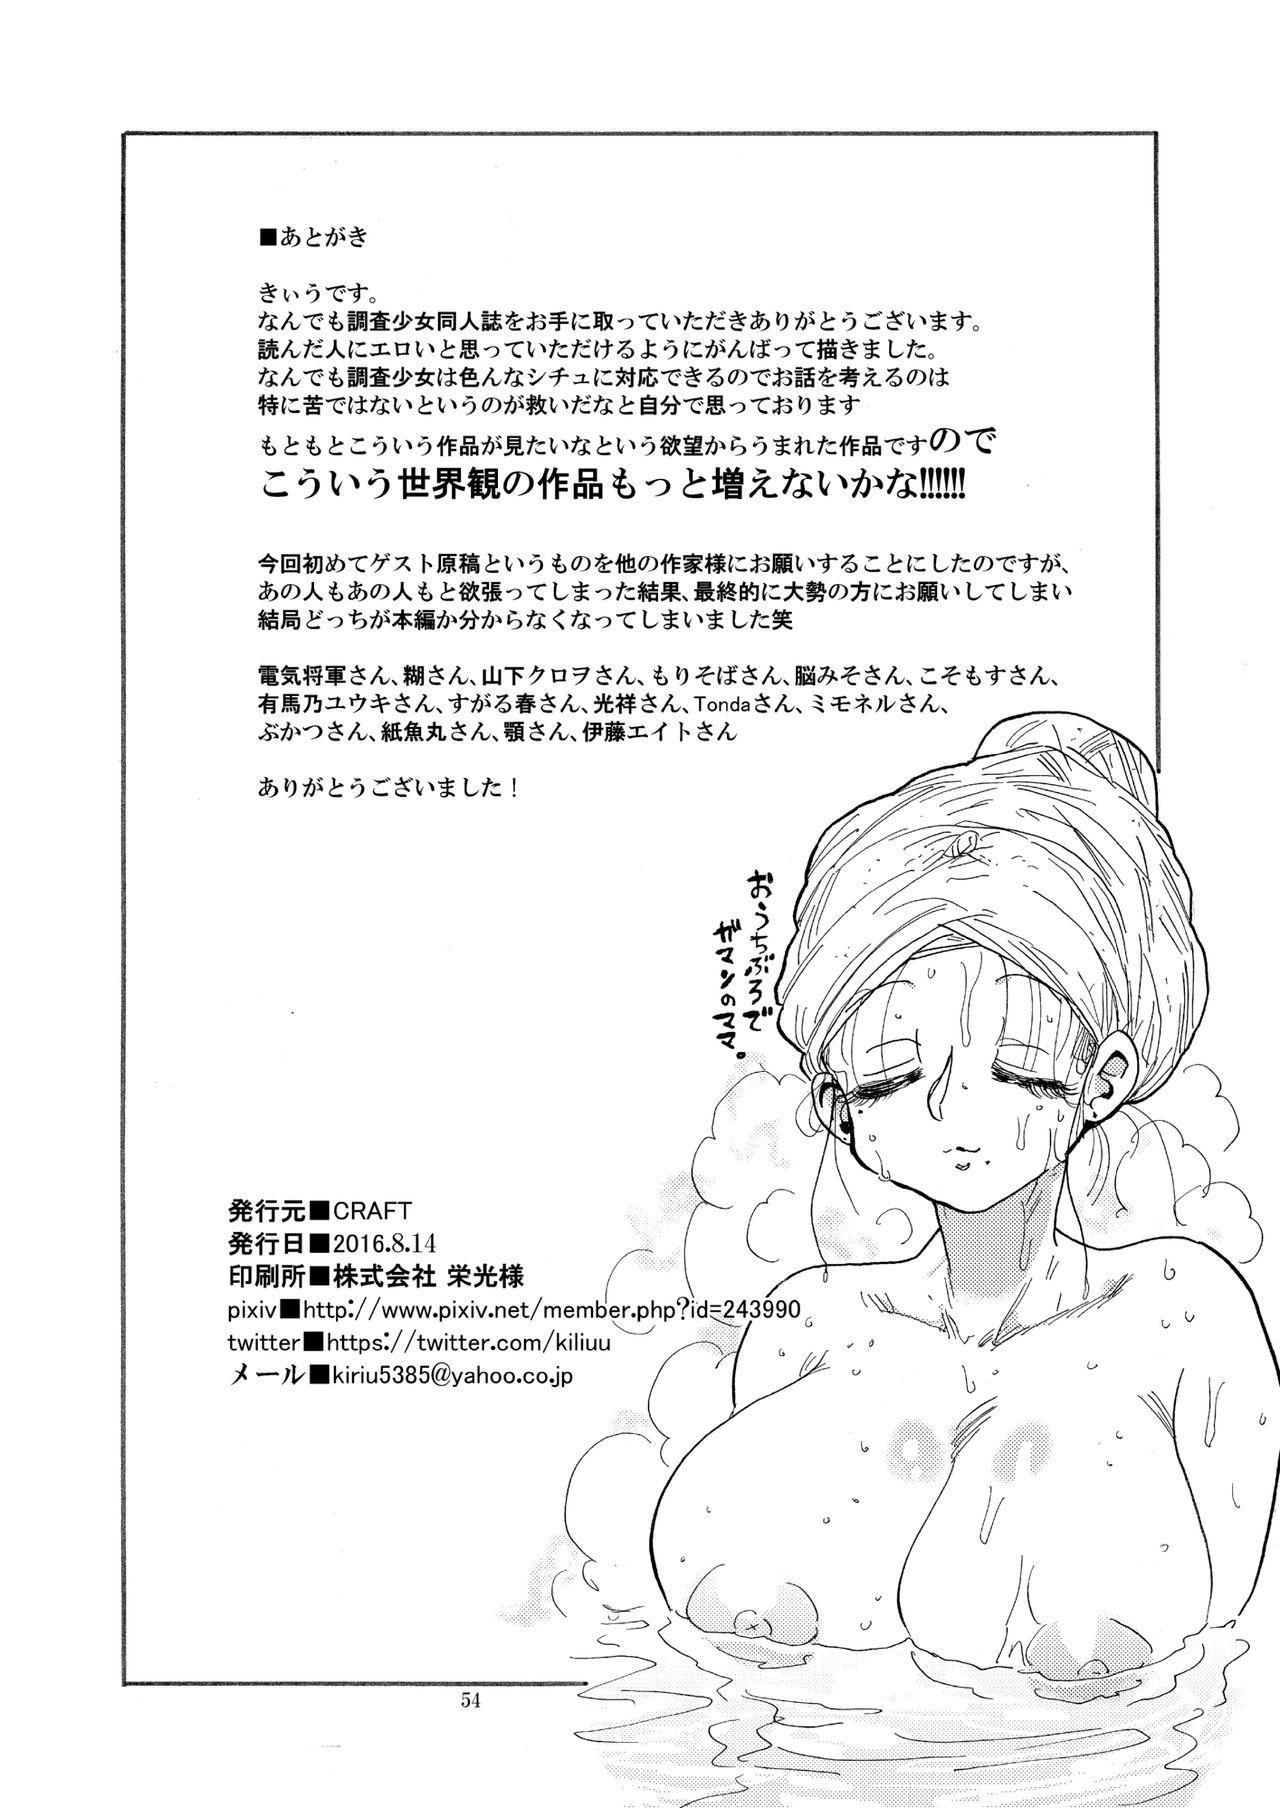 Nandemo Chousa Shoujo no Doujinshi ga Deta? Wakarimashita Chousa Shimasu 53